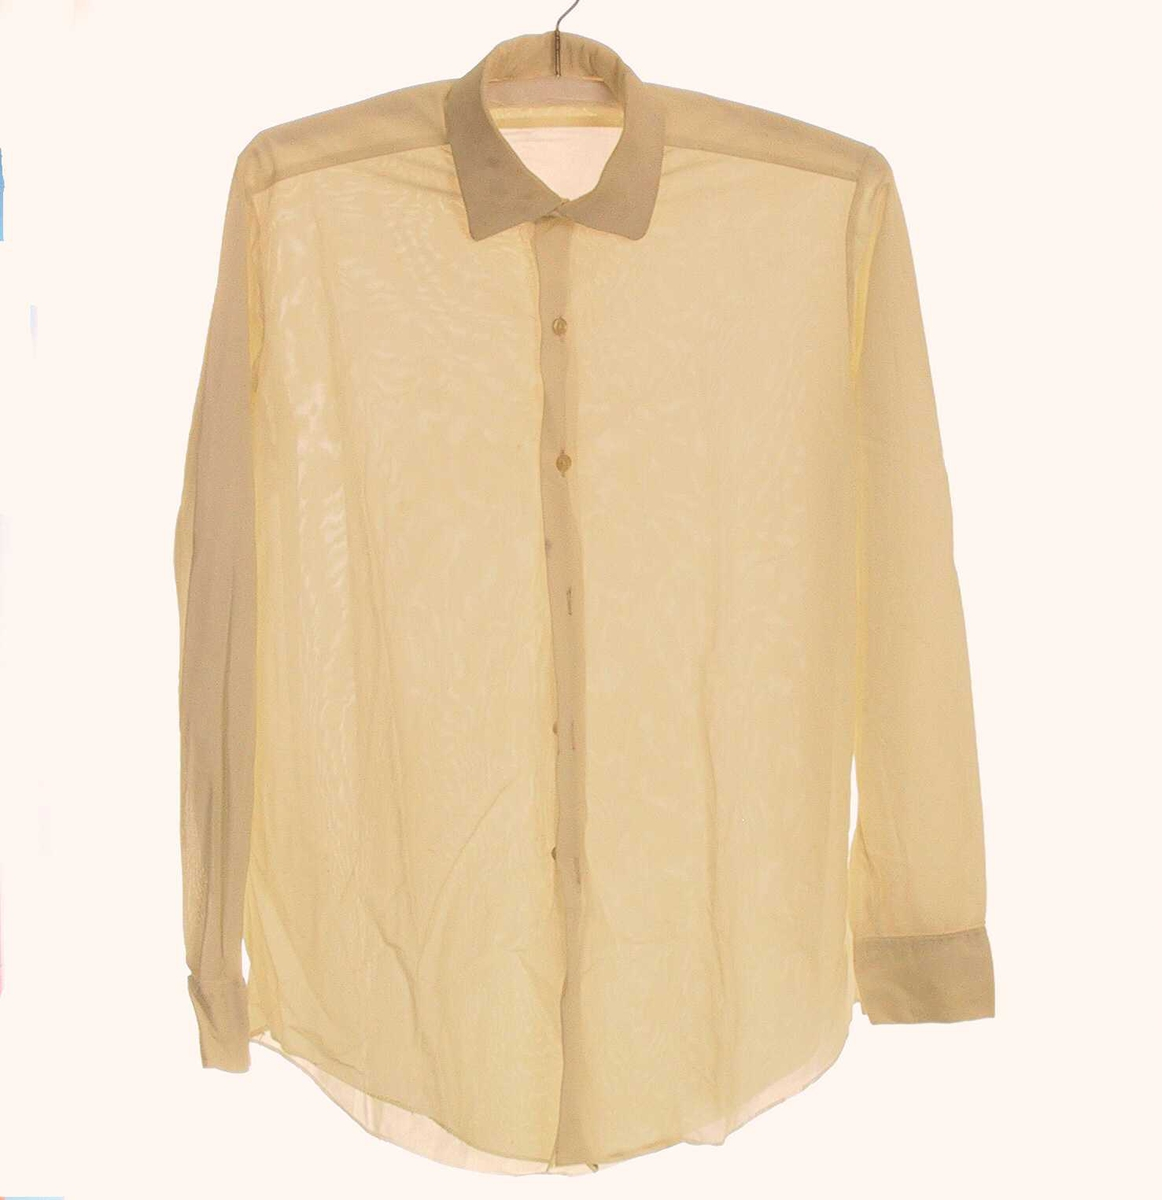 Skjorte med liten nedslagskrave, isatt stykke over skulderparti. Svinget nedrekant, lengst midt foran og midt bak.